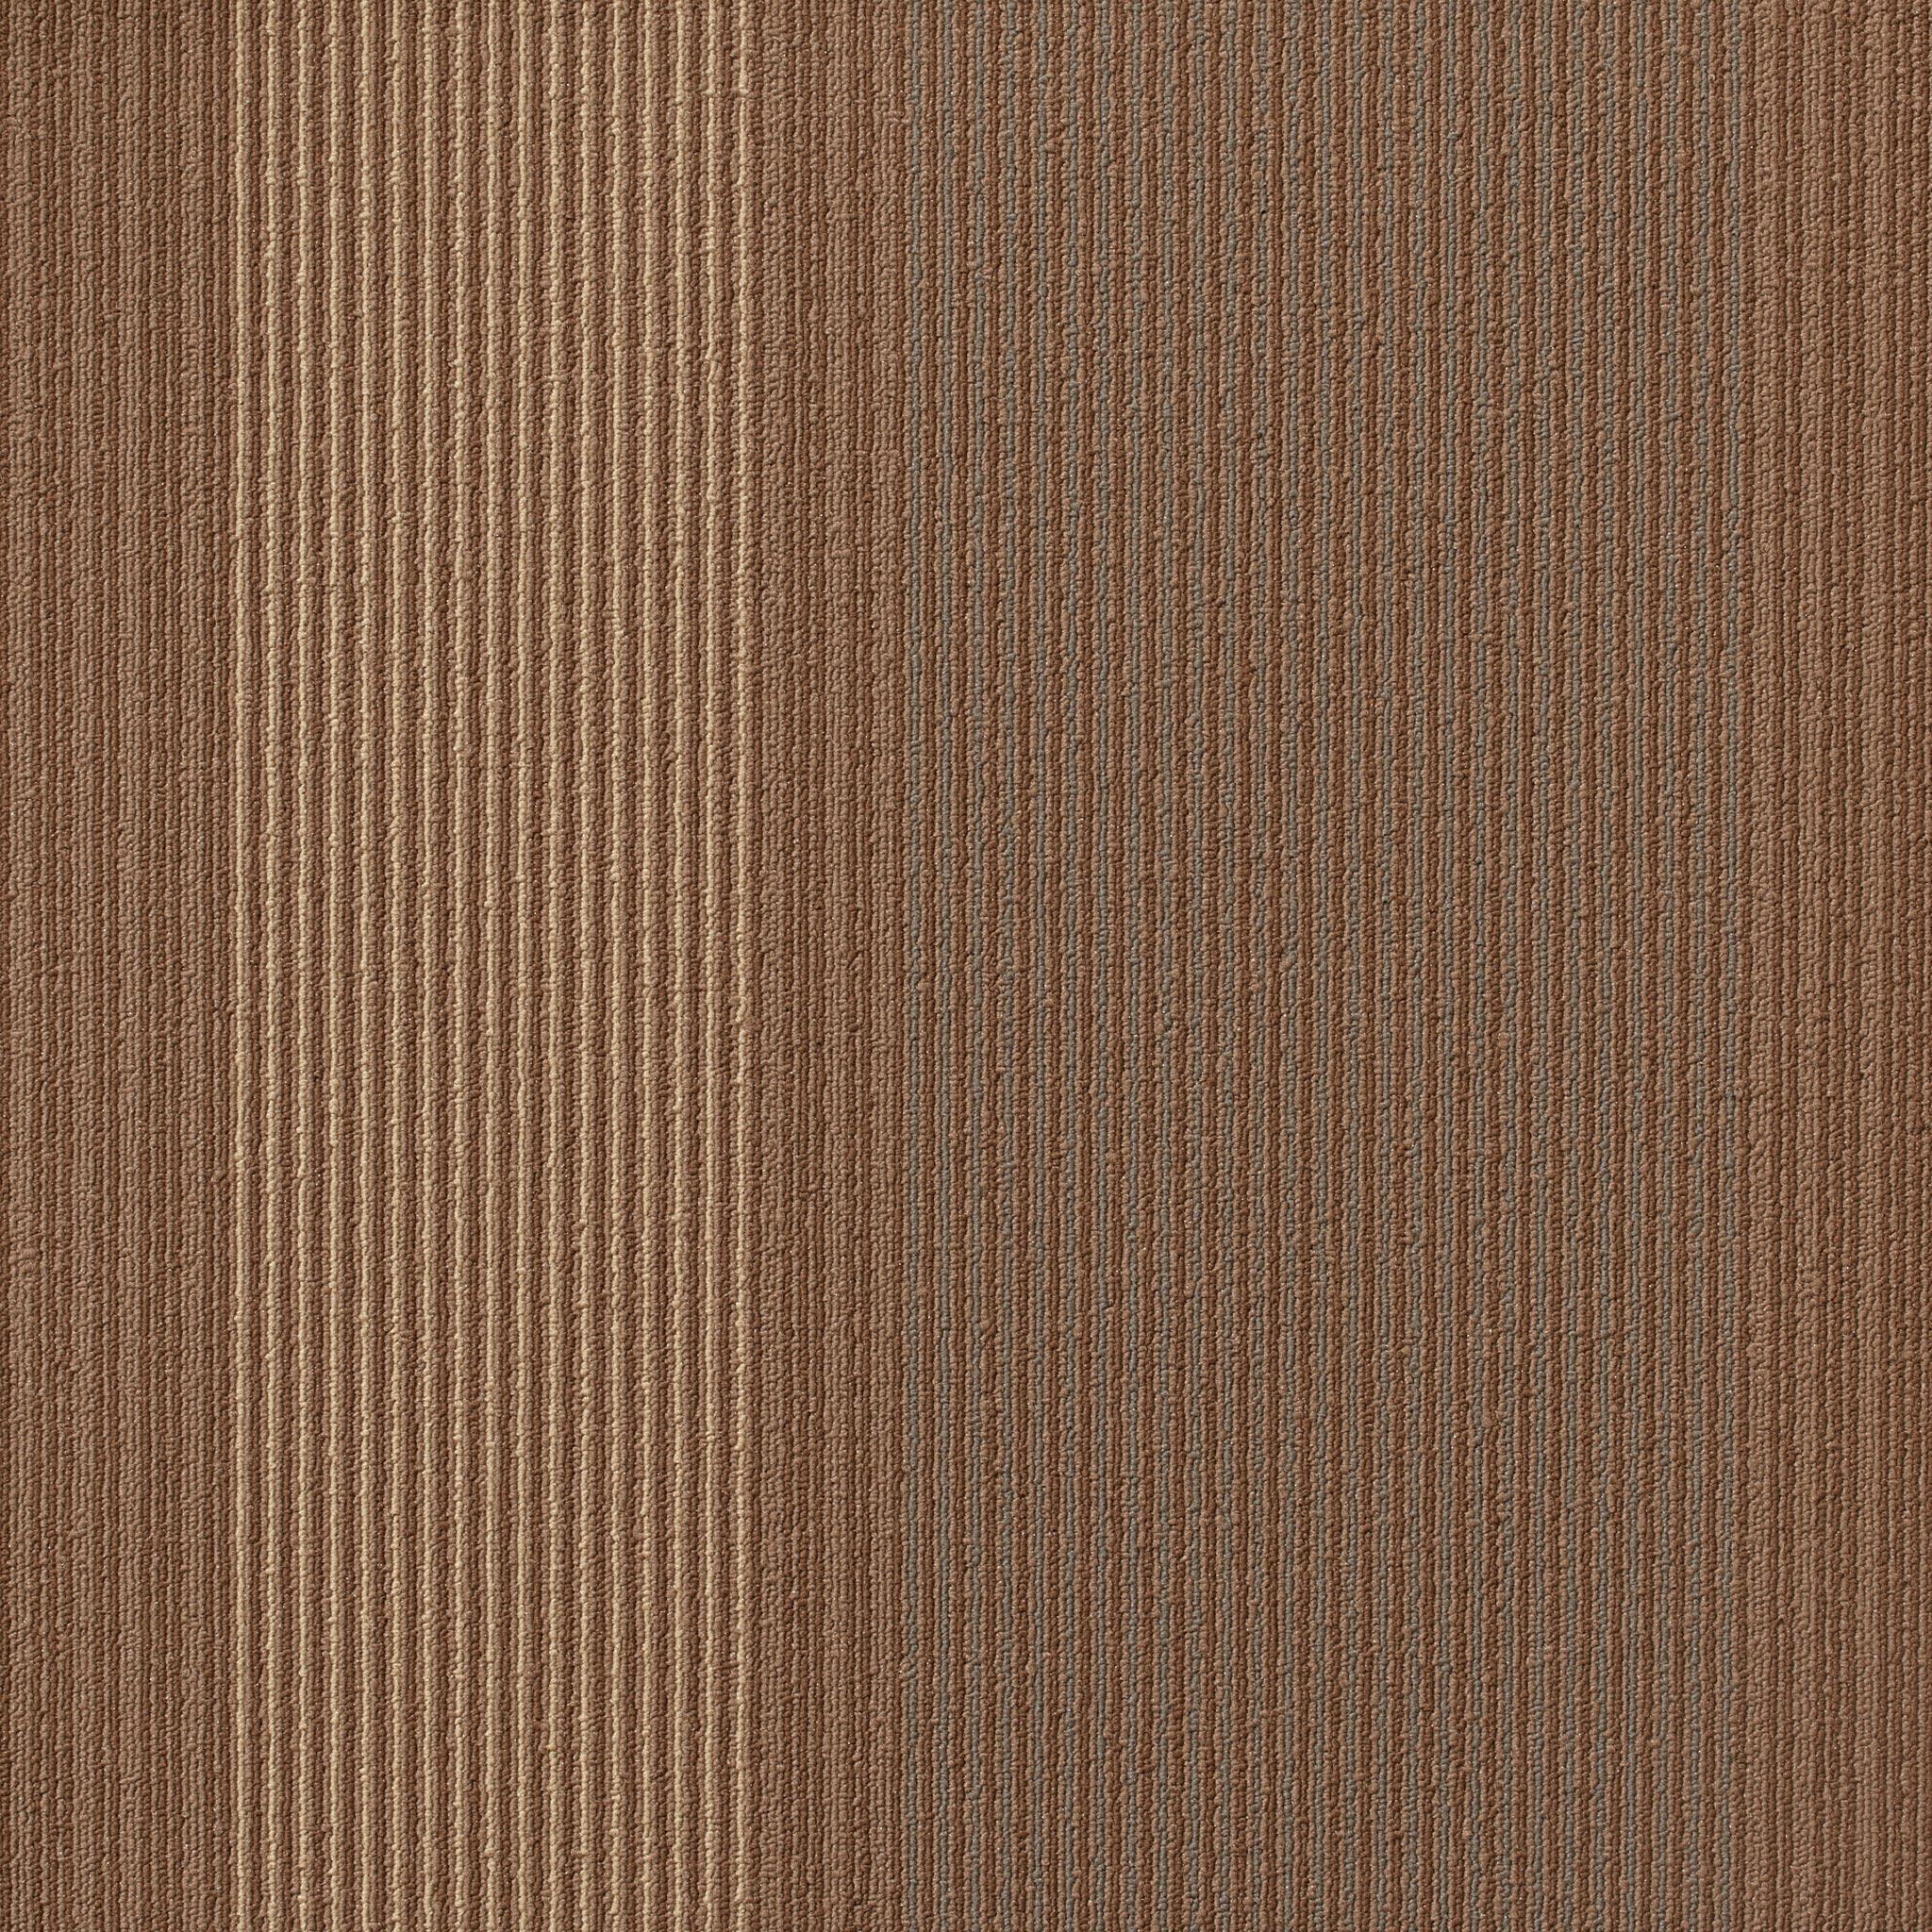 J J Invision Carpet Tile Carpet Vidalondon